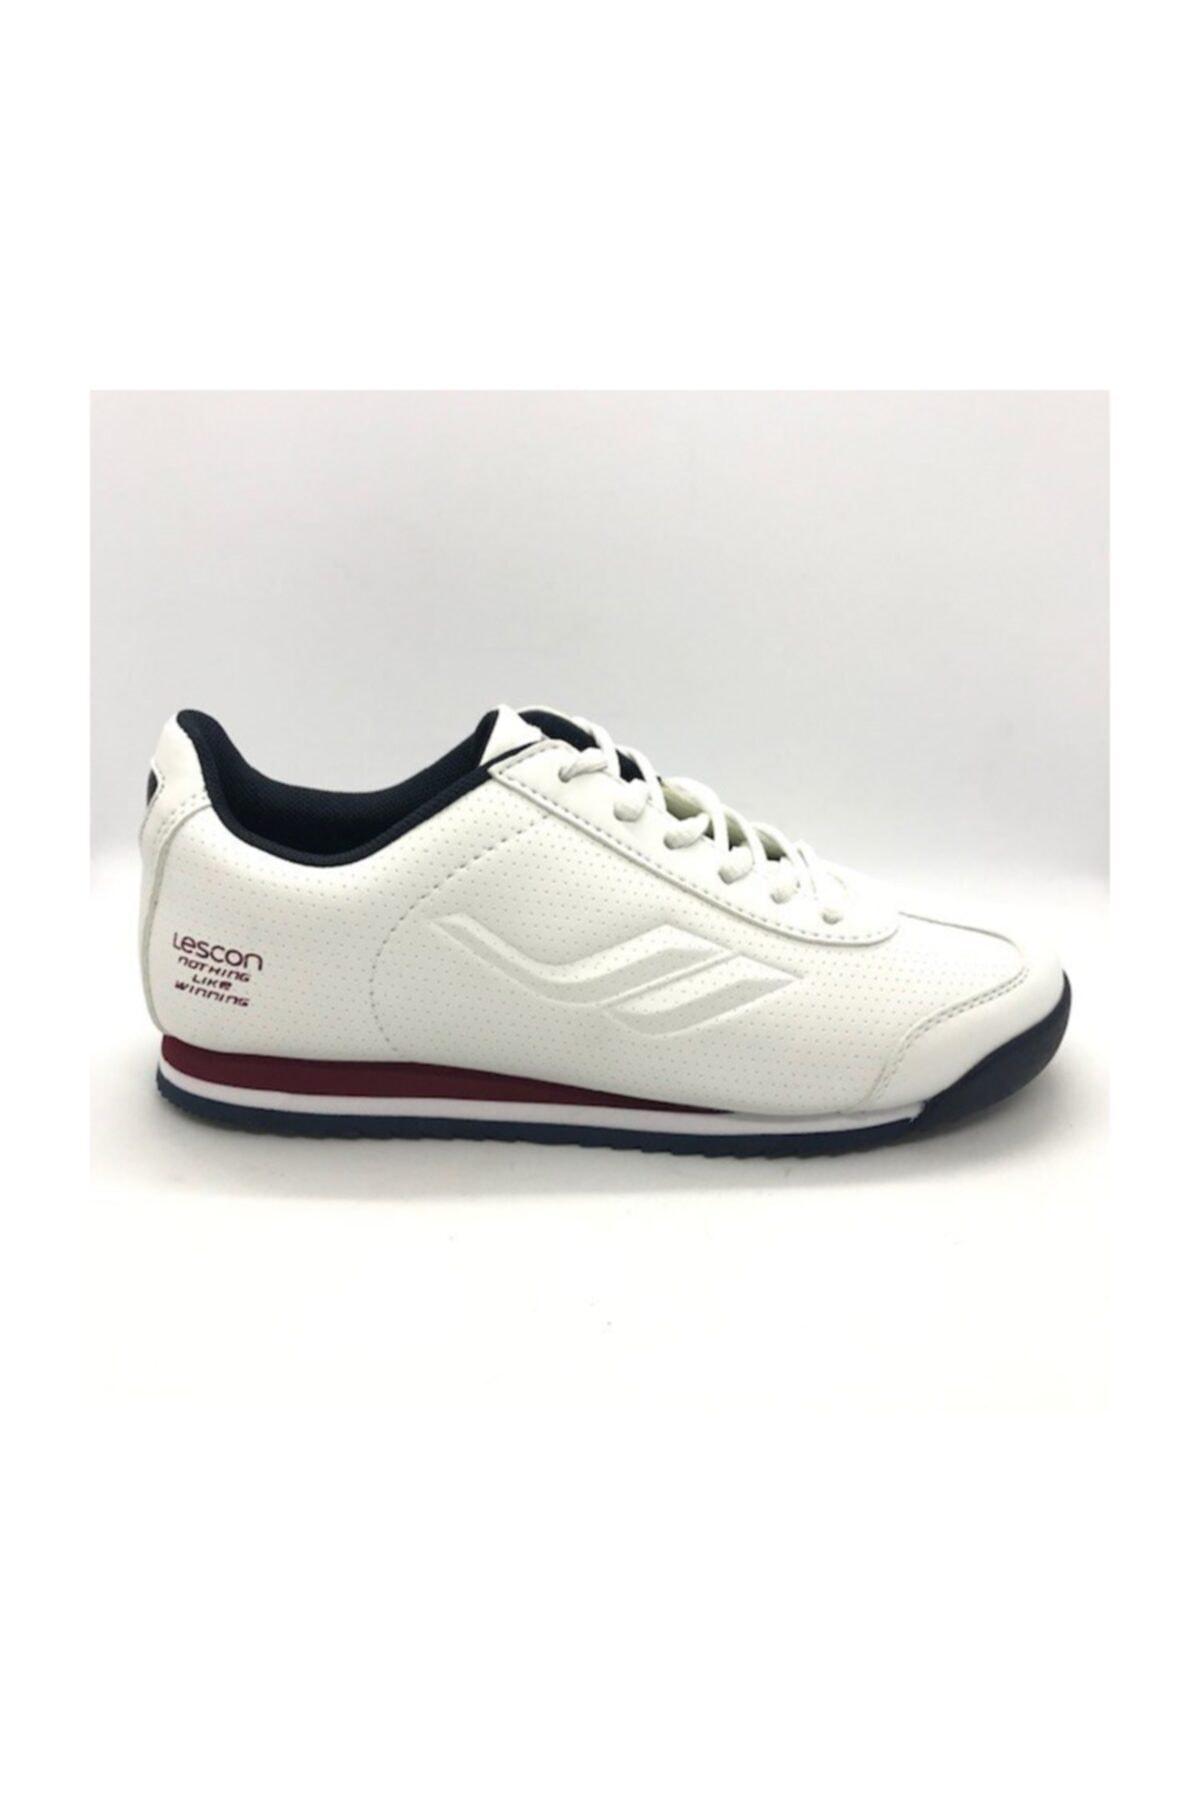 Lescon Sneakers Bayan Spor Ayakkabı 1